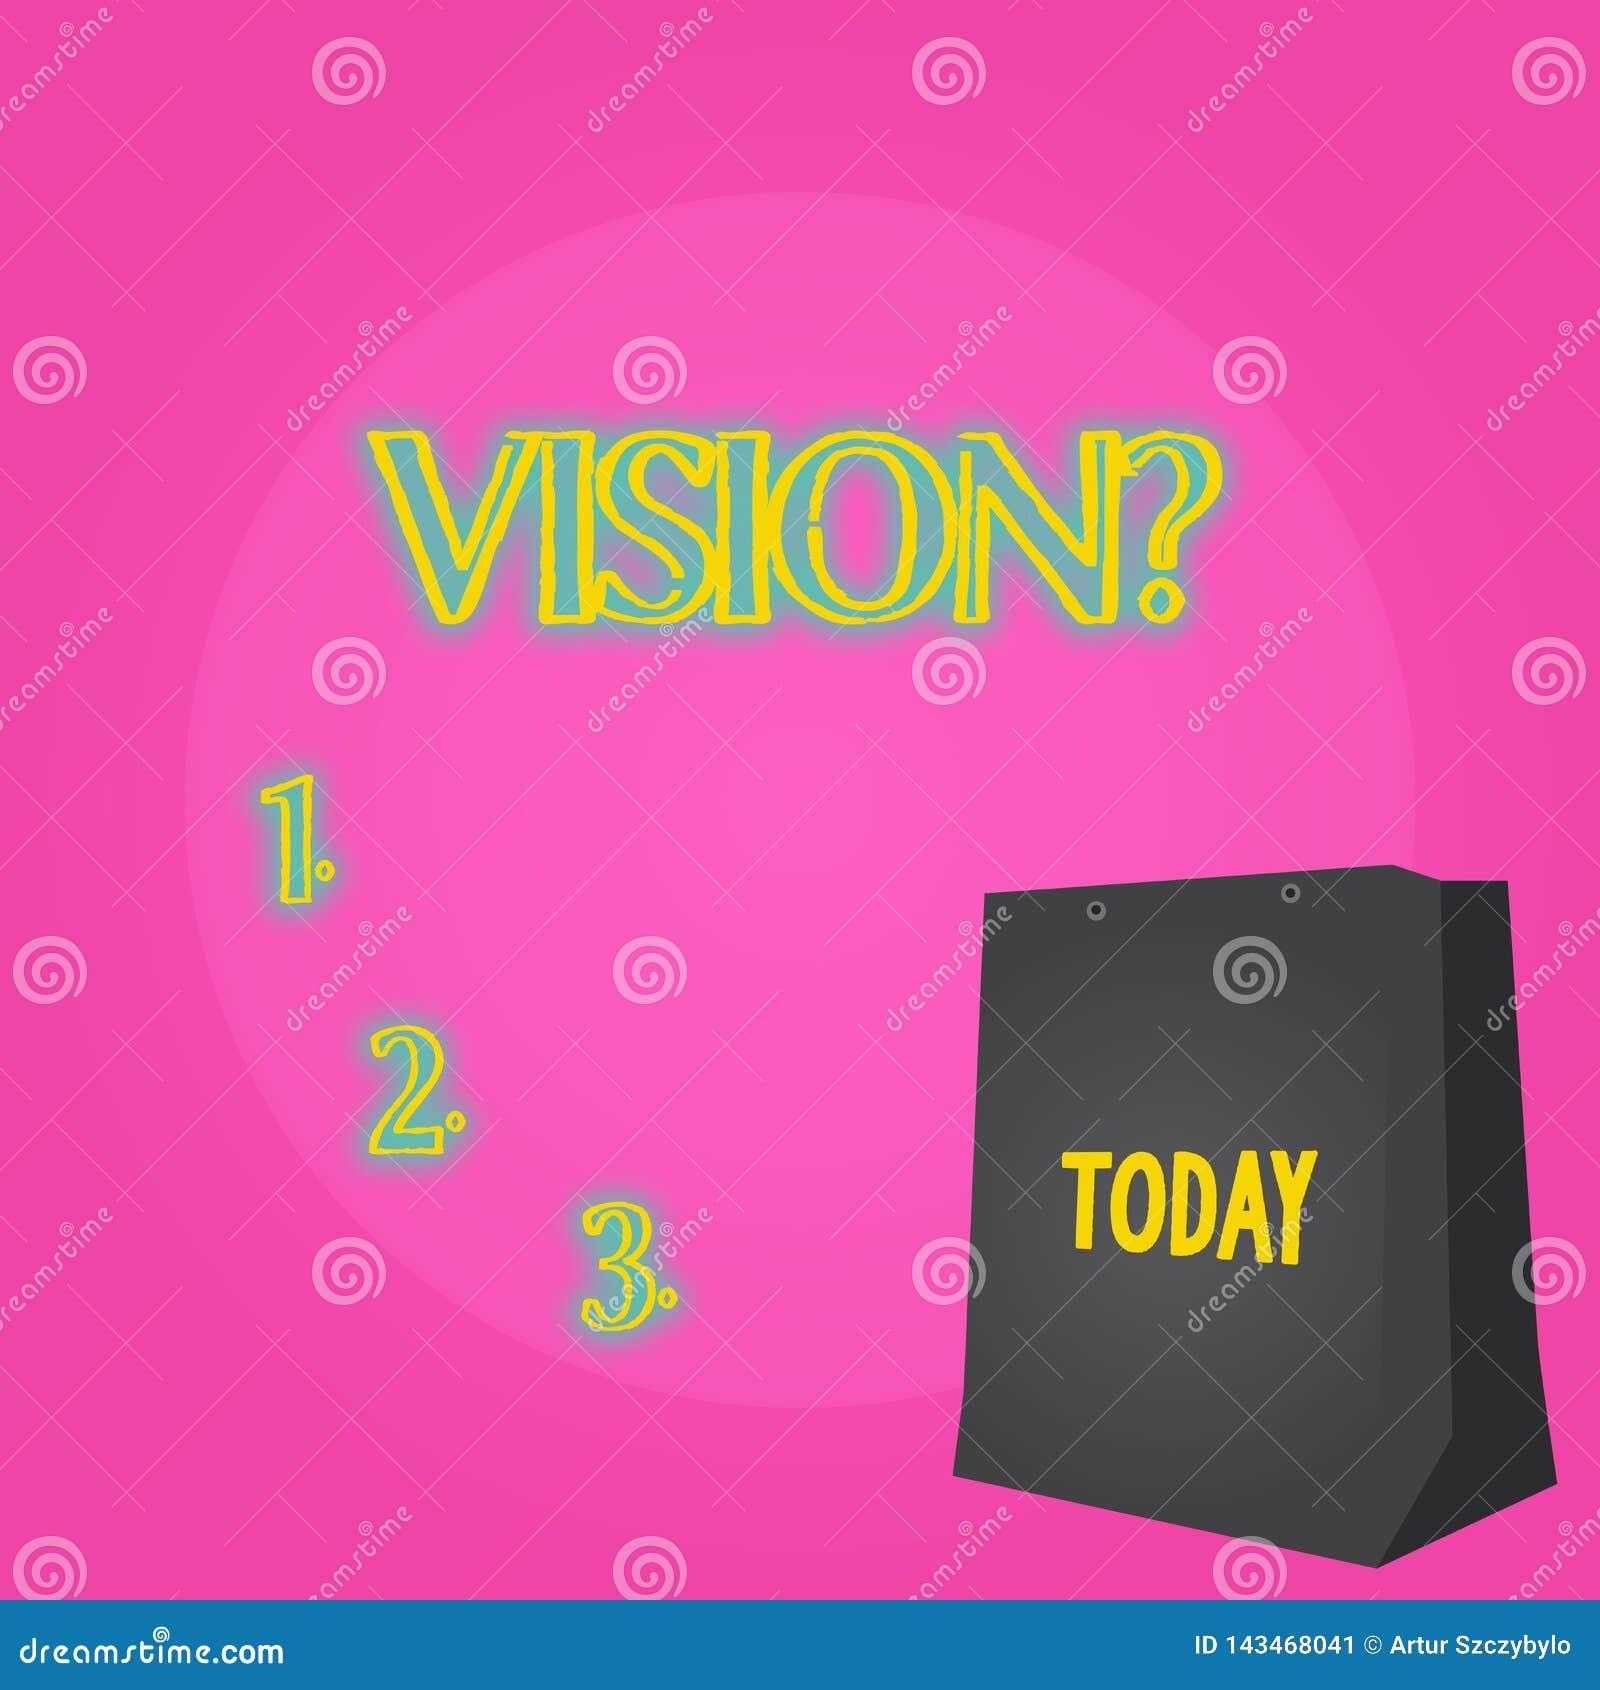 显示Visionquestion的文本标志 描述未来现实状态颜色礼物袋子的概念性照片公司承诺